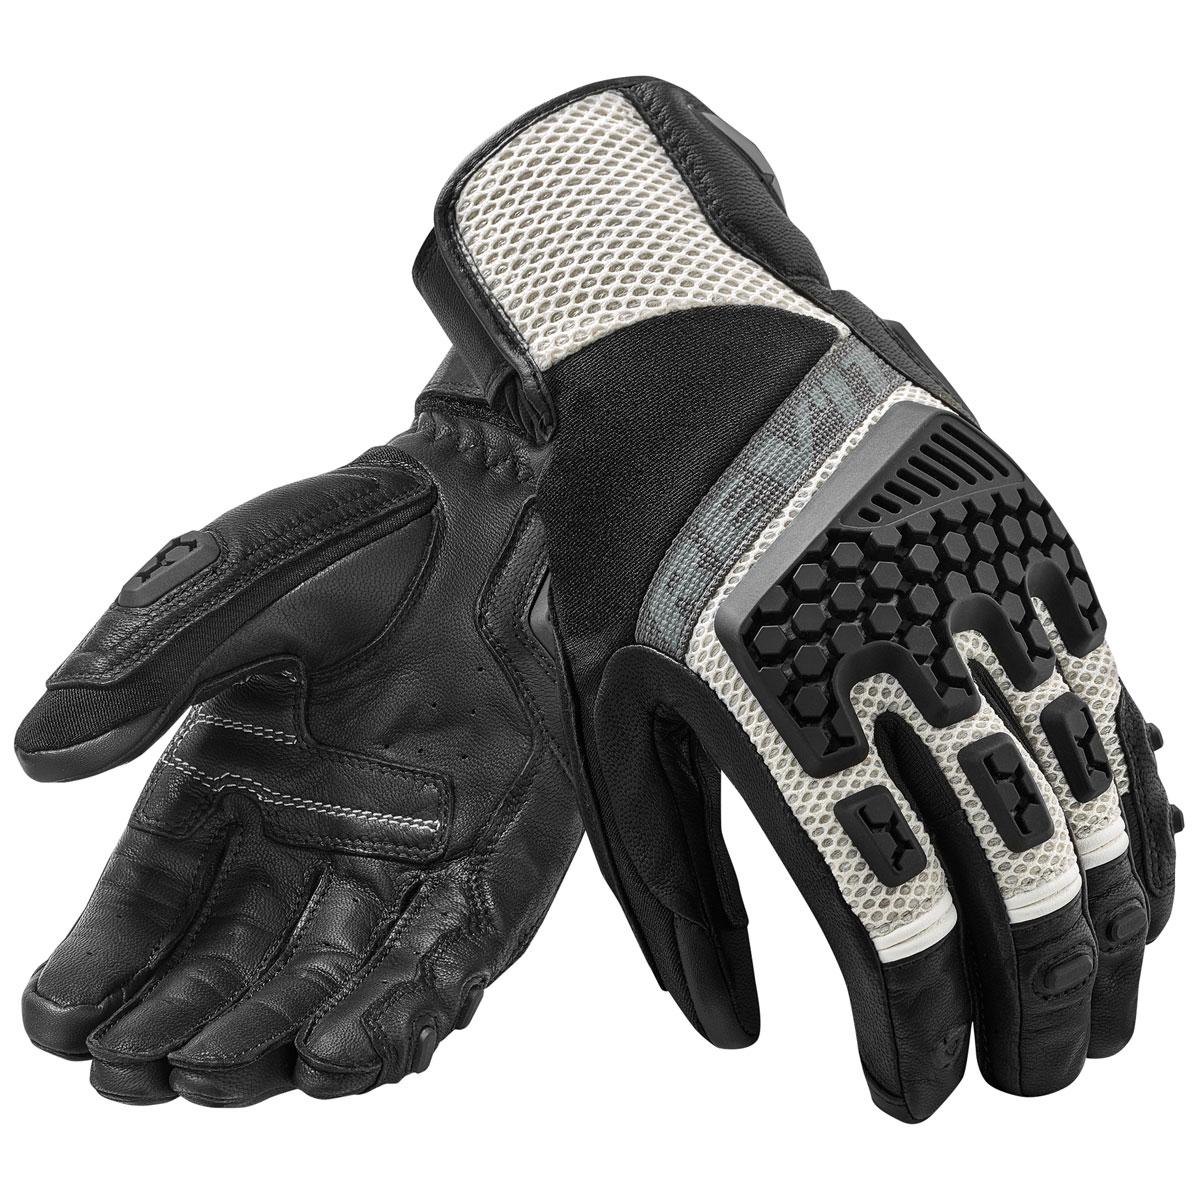 REV′IT! Men's Sand 3 Black/Silver Gloves